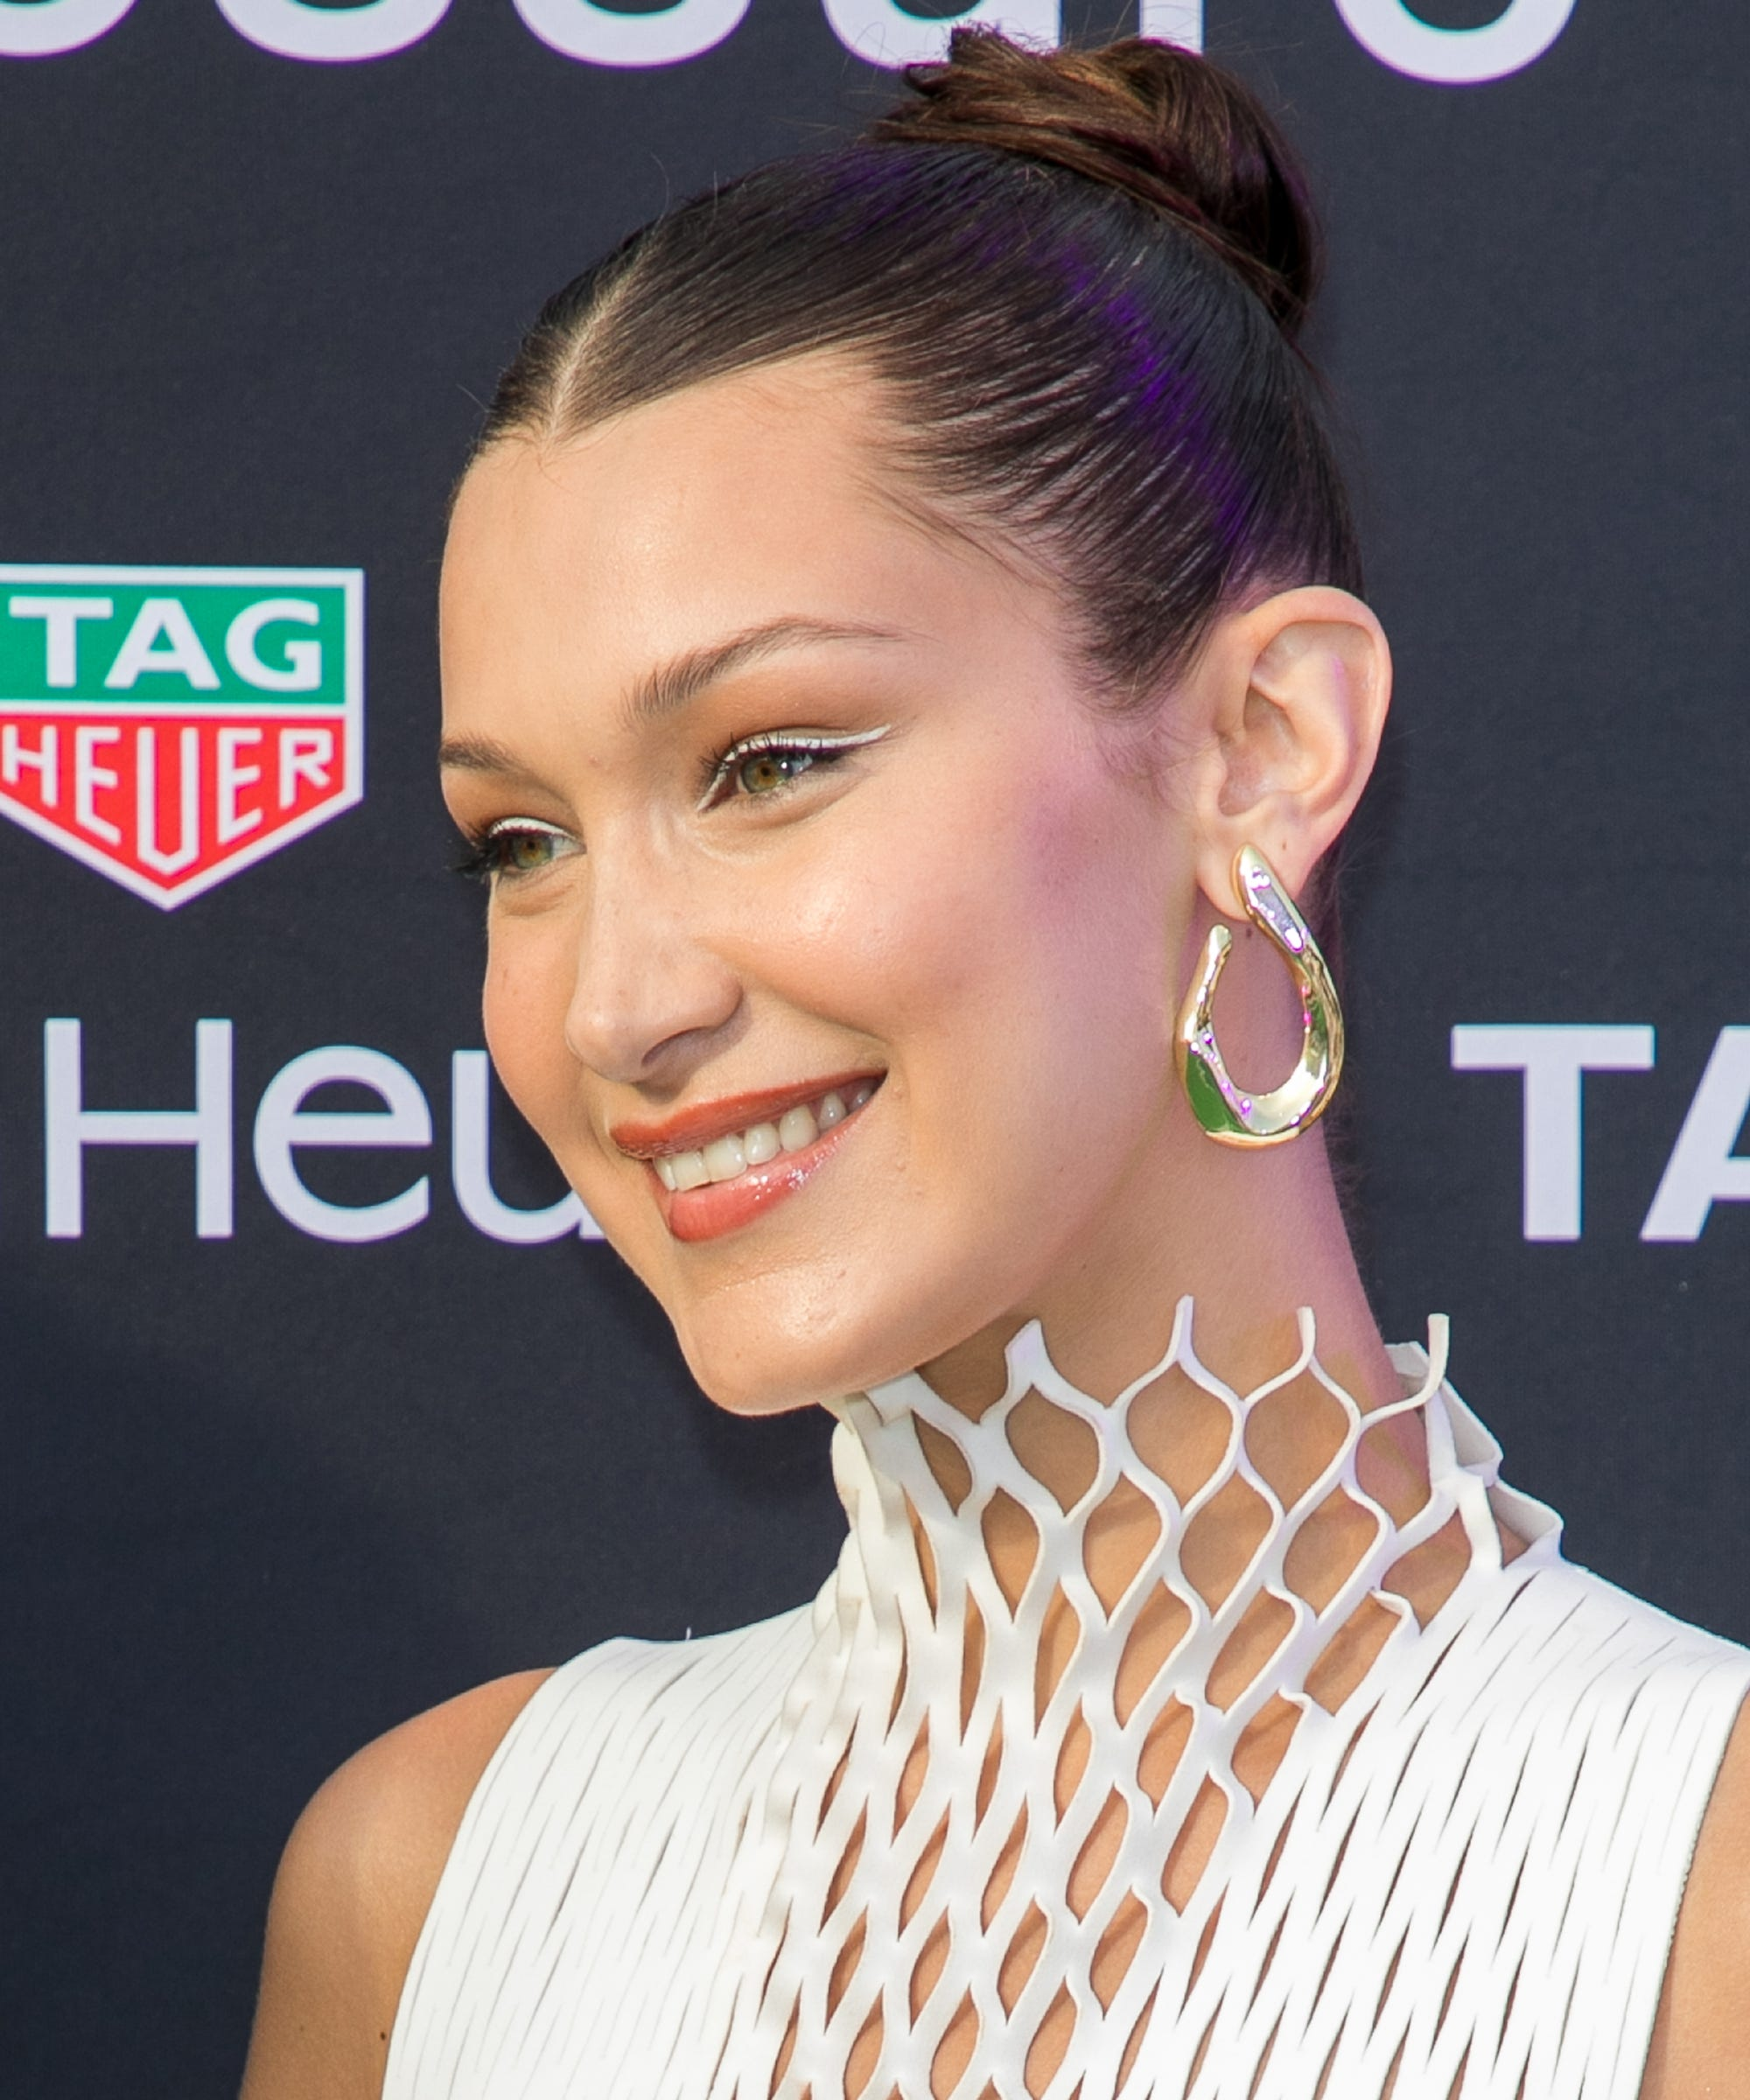 White Eyeliner Is Summer 2018's Biggest Makeup TrendWhy L.A. Celebs Love This Eye-Brightening Liner Look - 웹